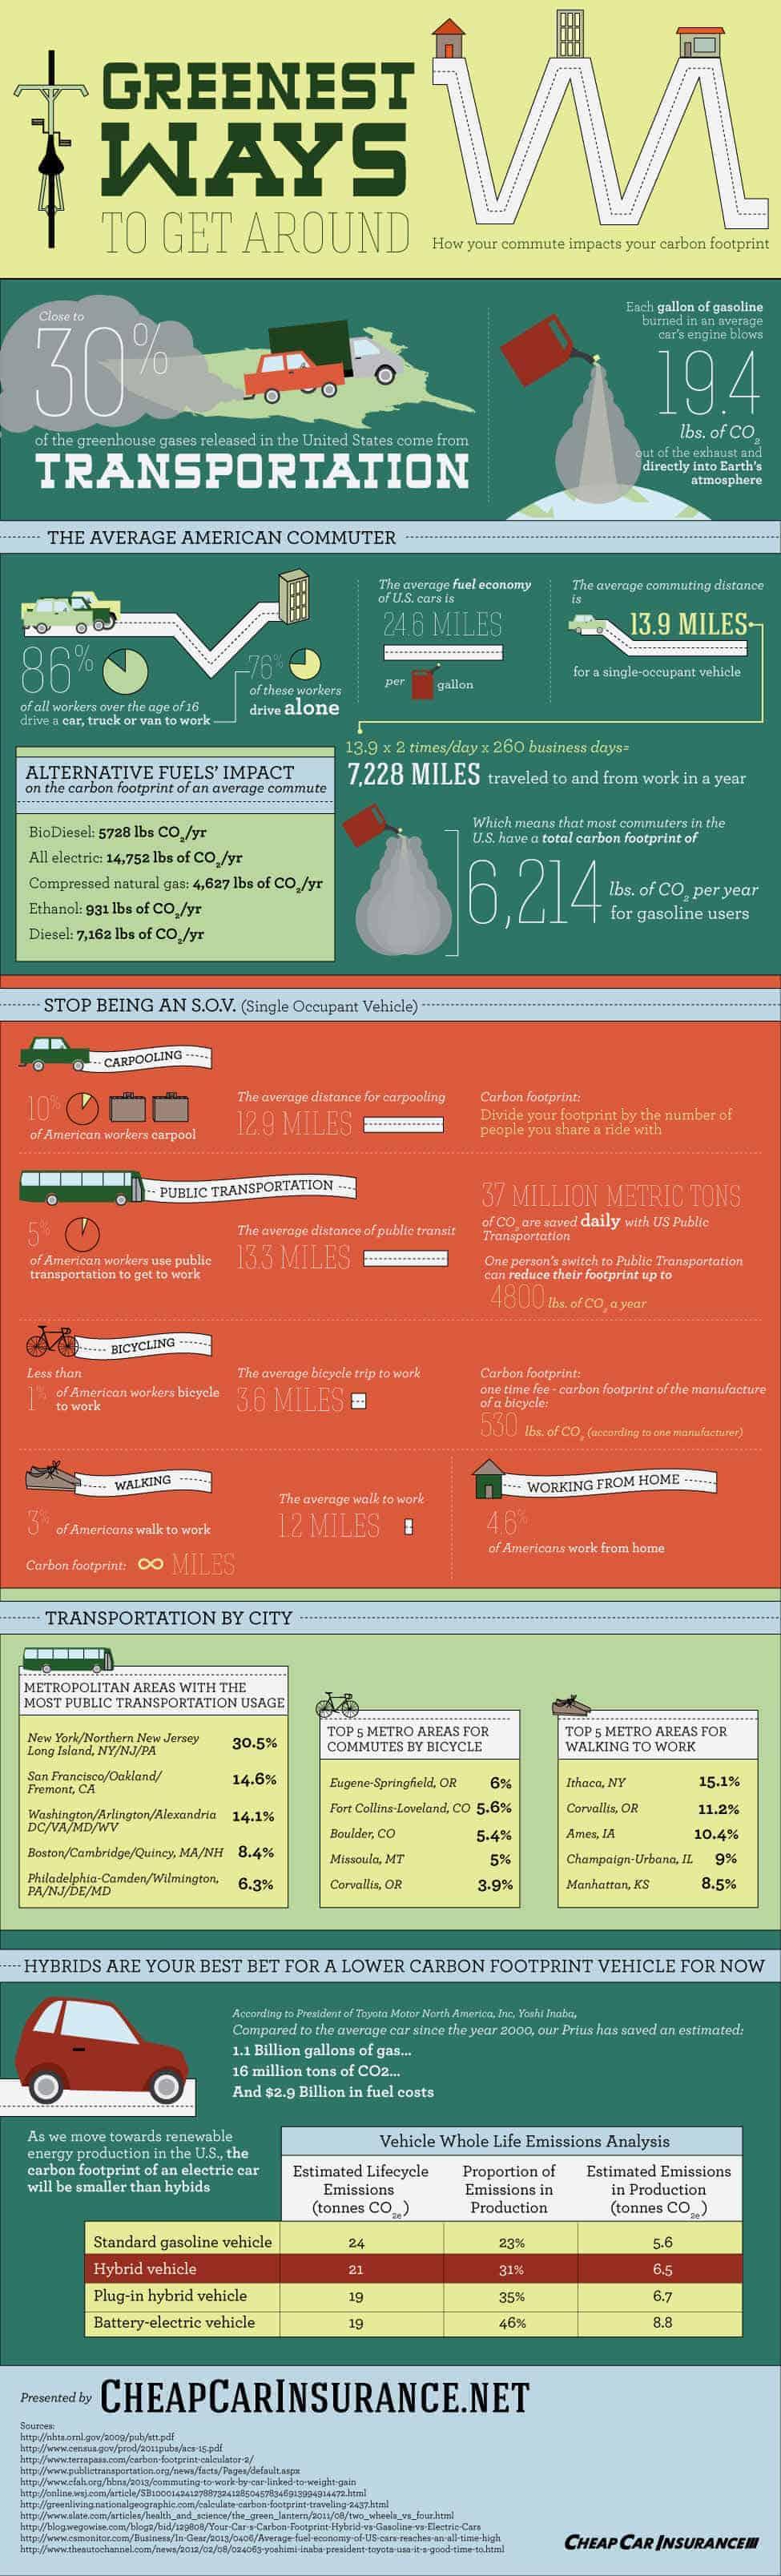 greenest-ways-to-get-around-infographic